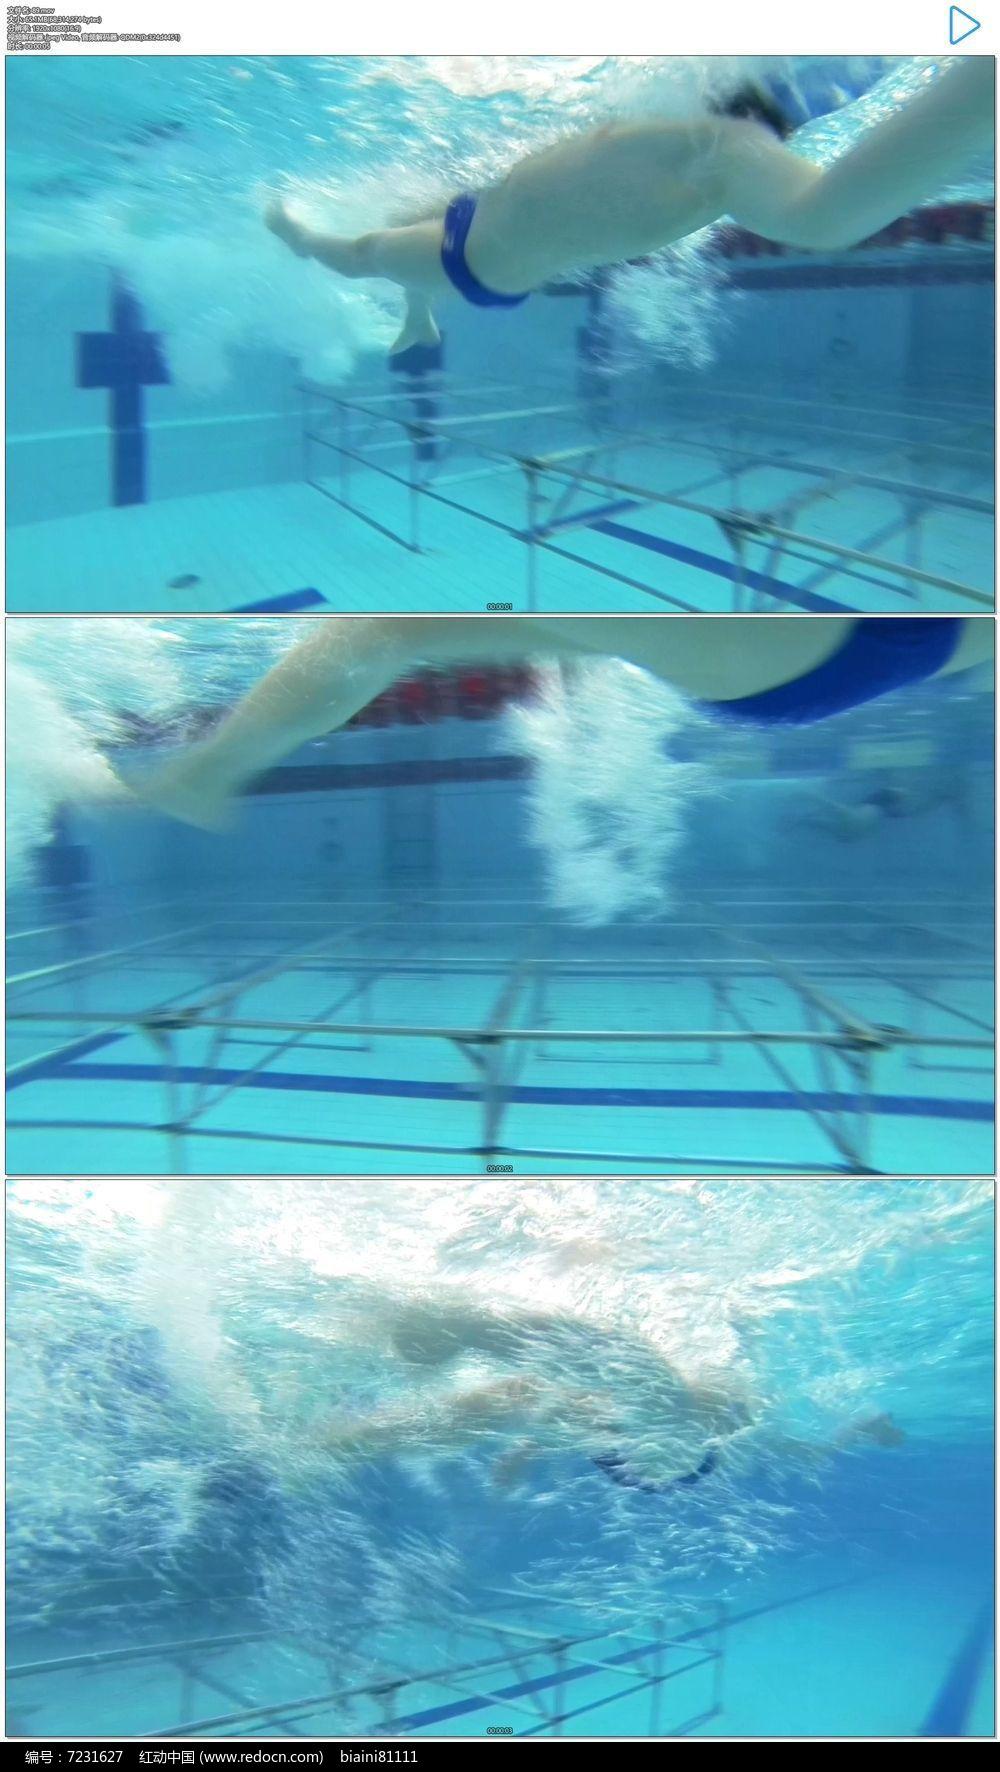 运动员游泳比赛实拍视频素材图片